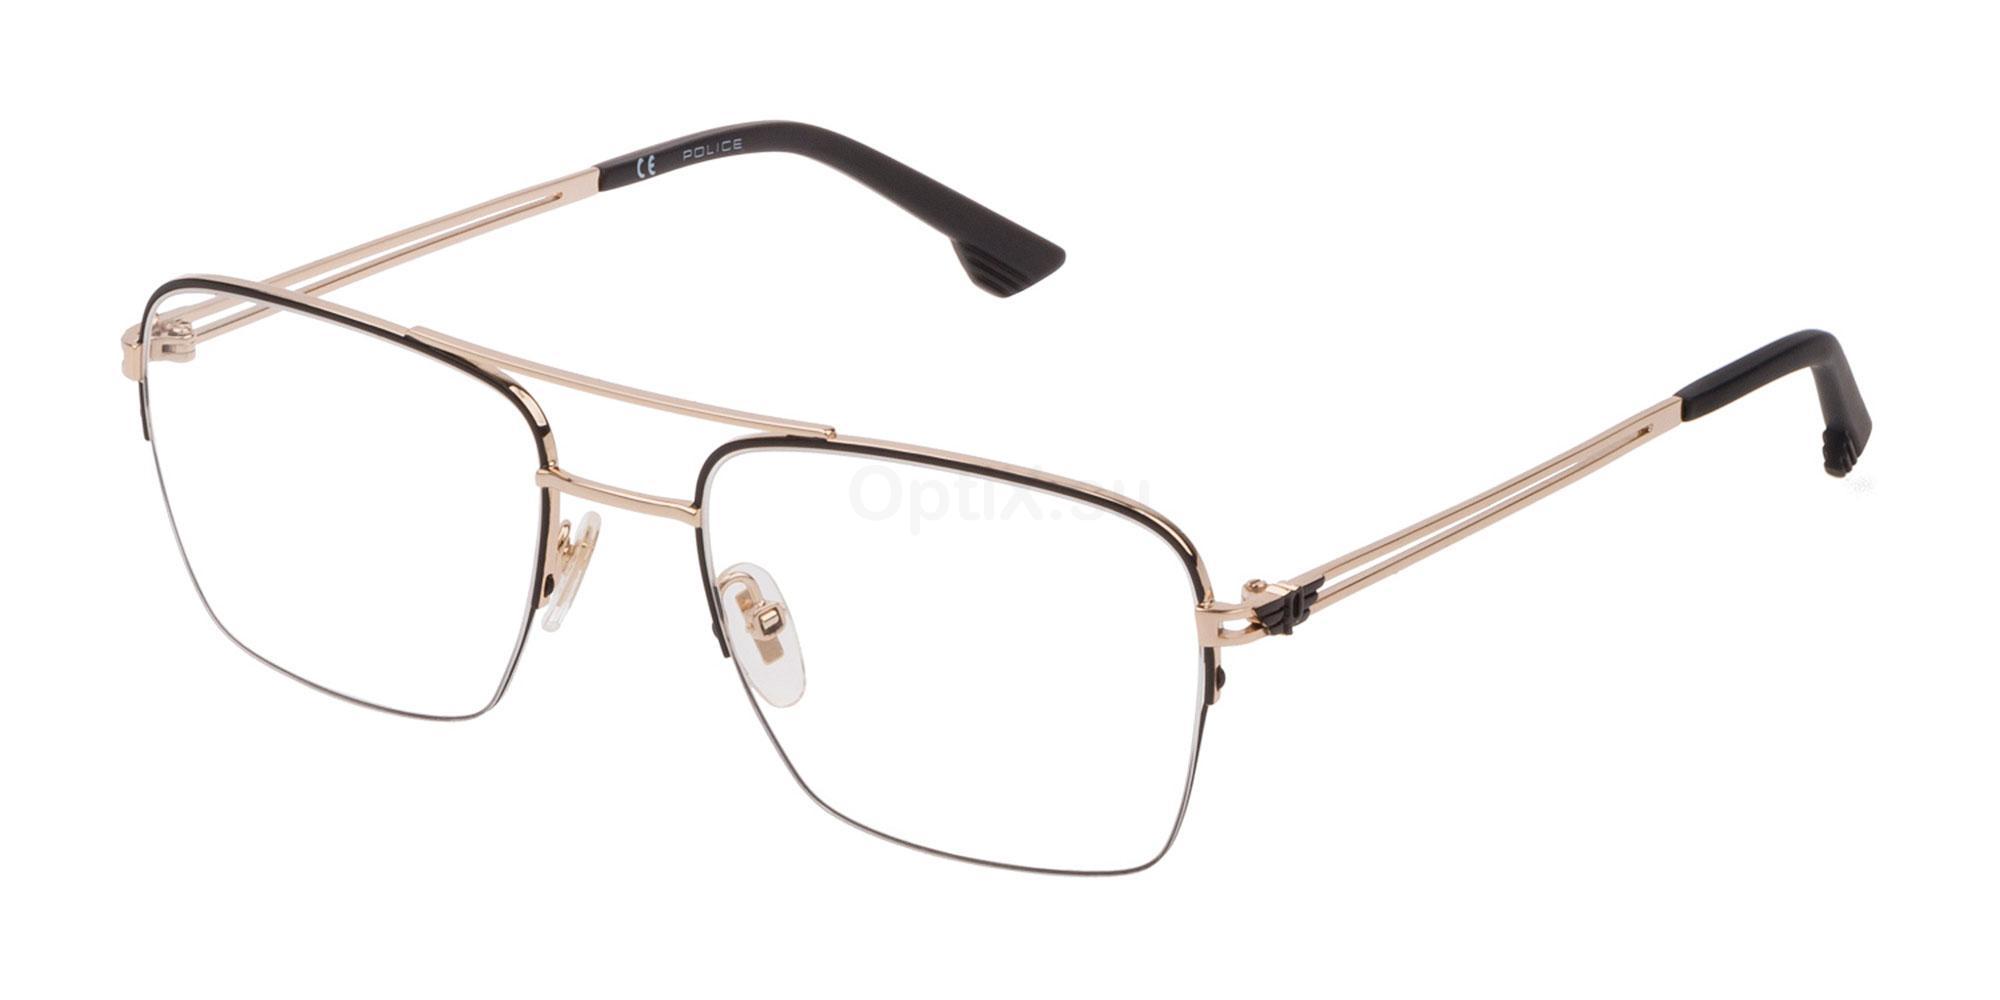 0301 VPL879 Glasses, Police